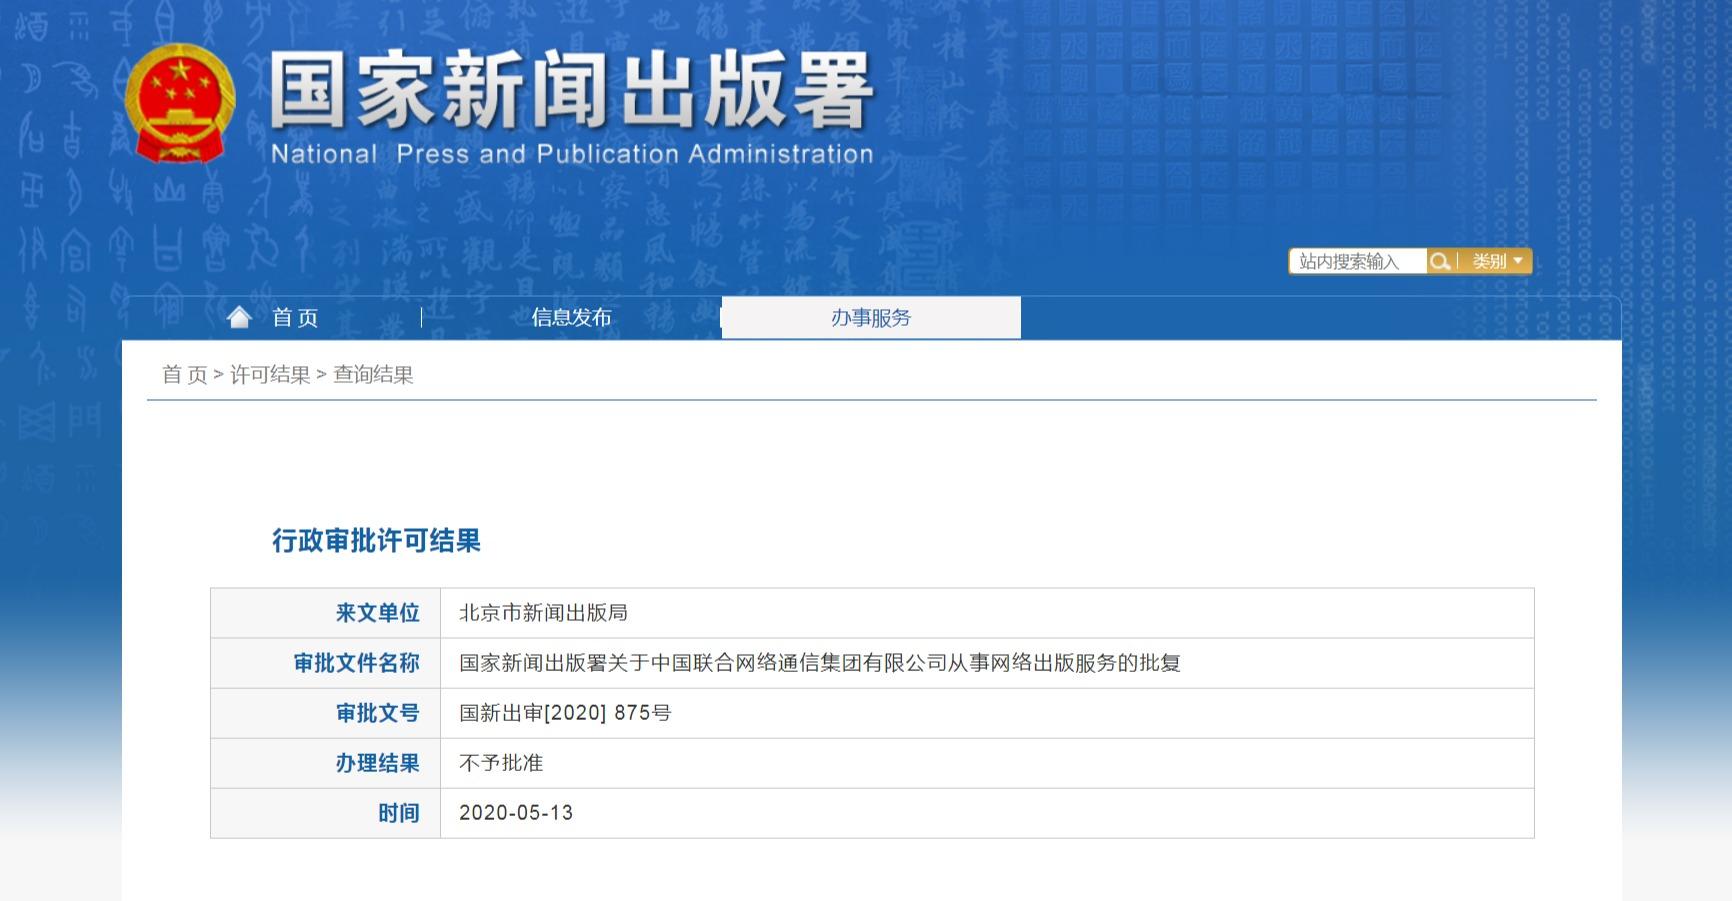 蓝冠官网,国联通申请从事网络蓝冠官网出版服务图片